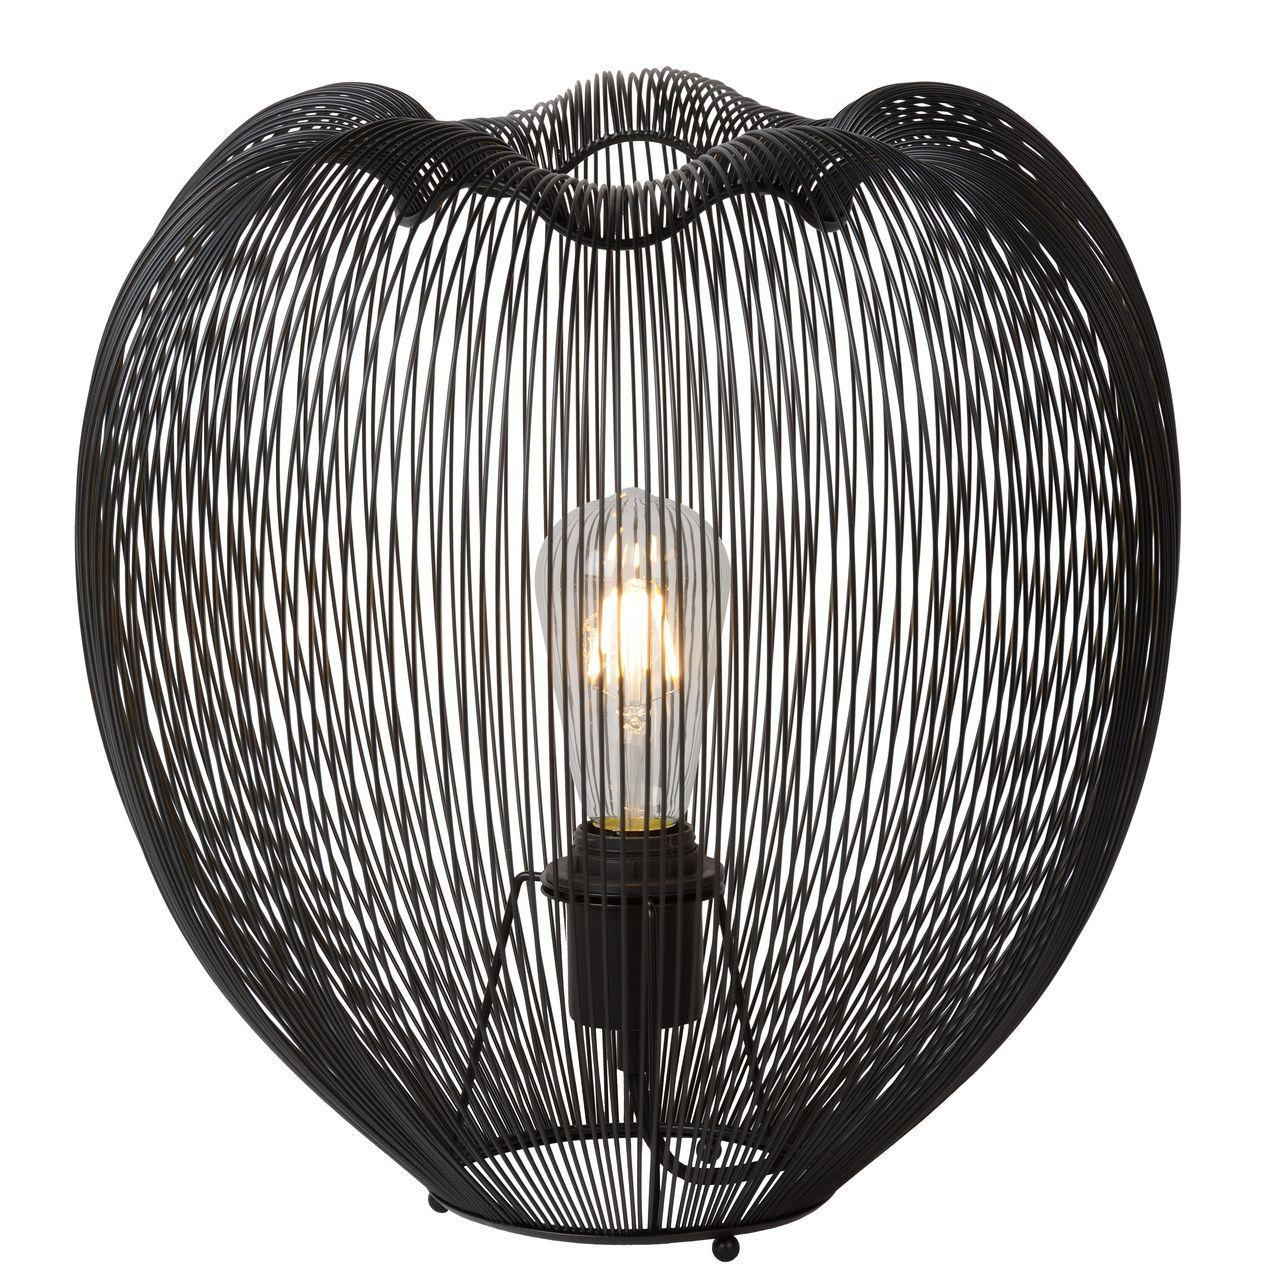 Настольная лампа Lucide Wirio 20501/35/30 wirio 20501 35 17 lucide 1155105